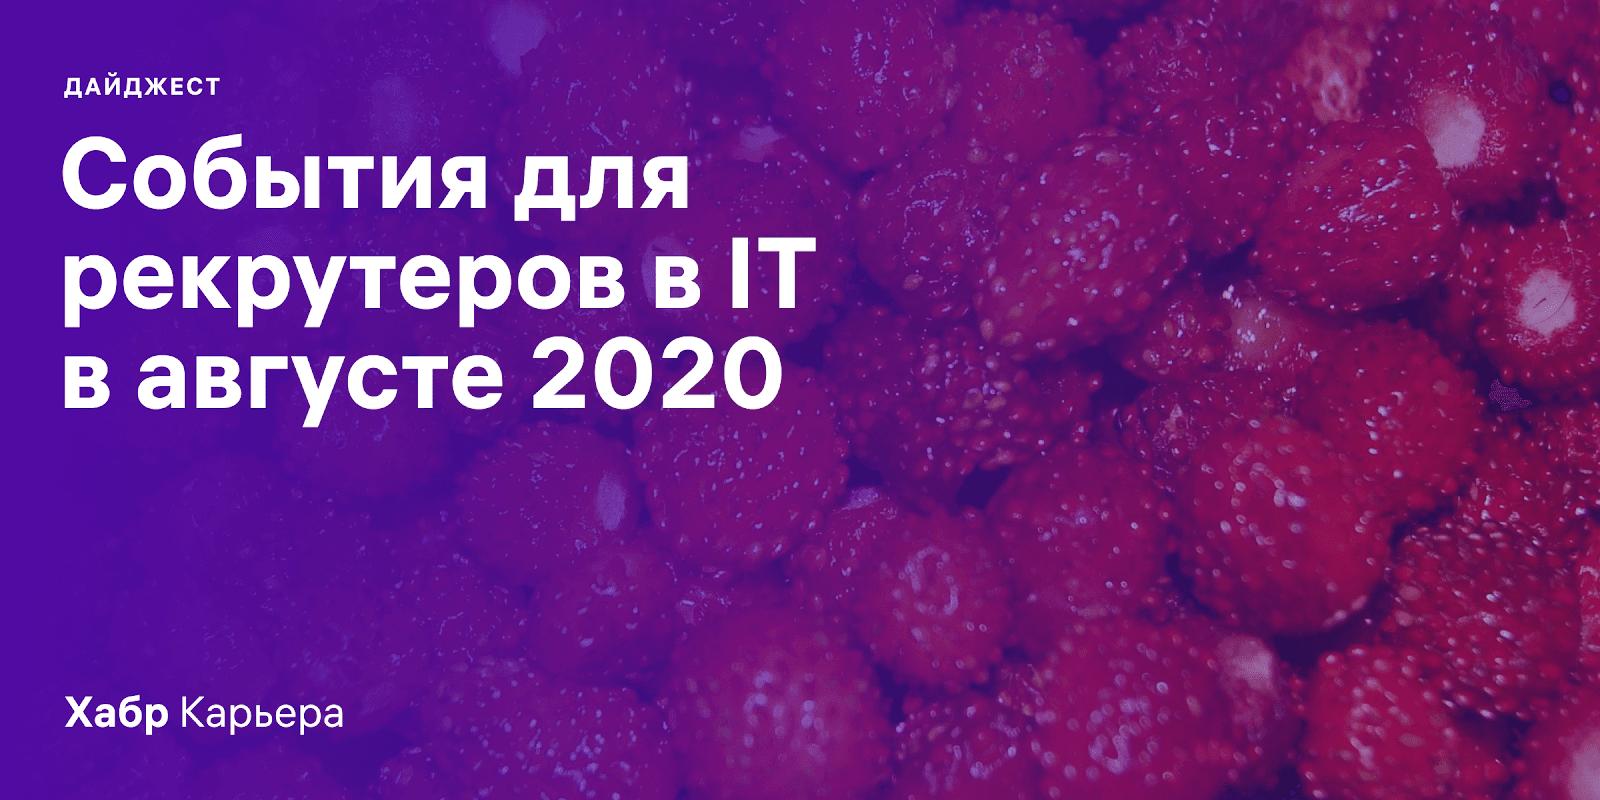 Дайджест событий для эйчаров и рекрутеров в IT на август 2020